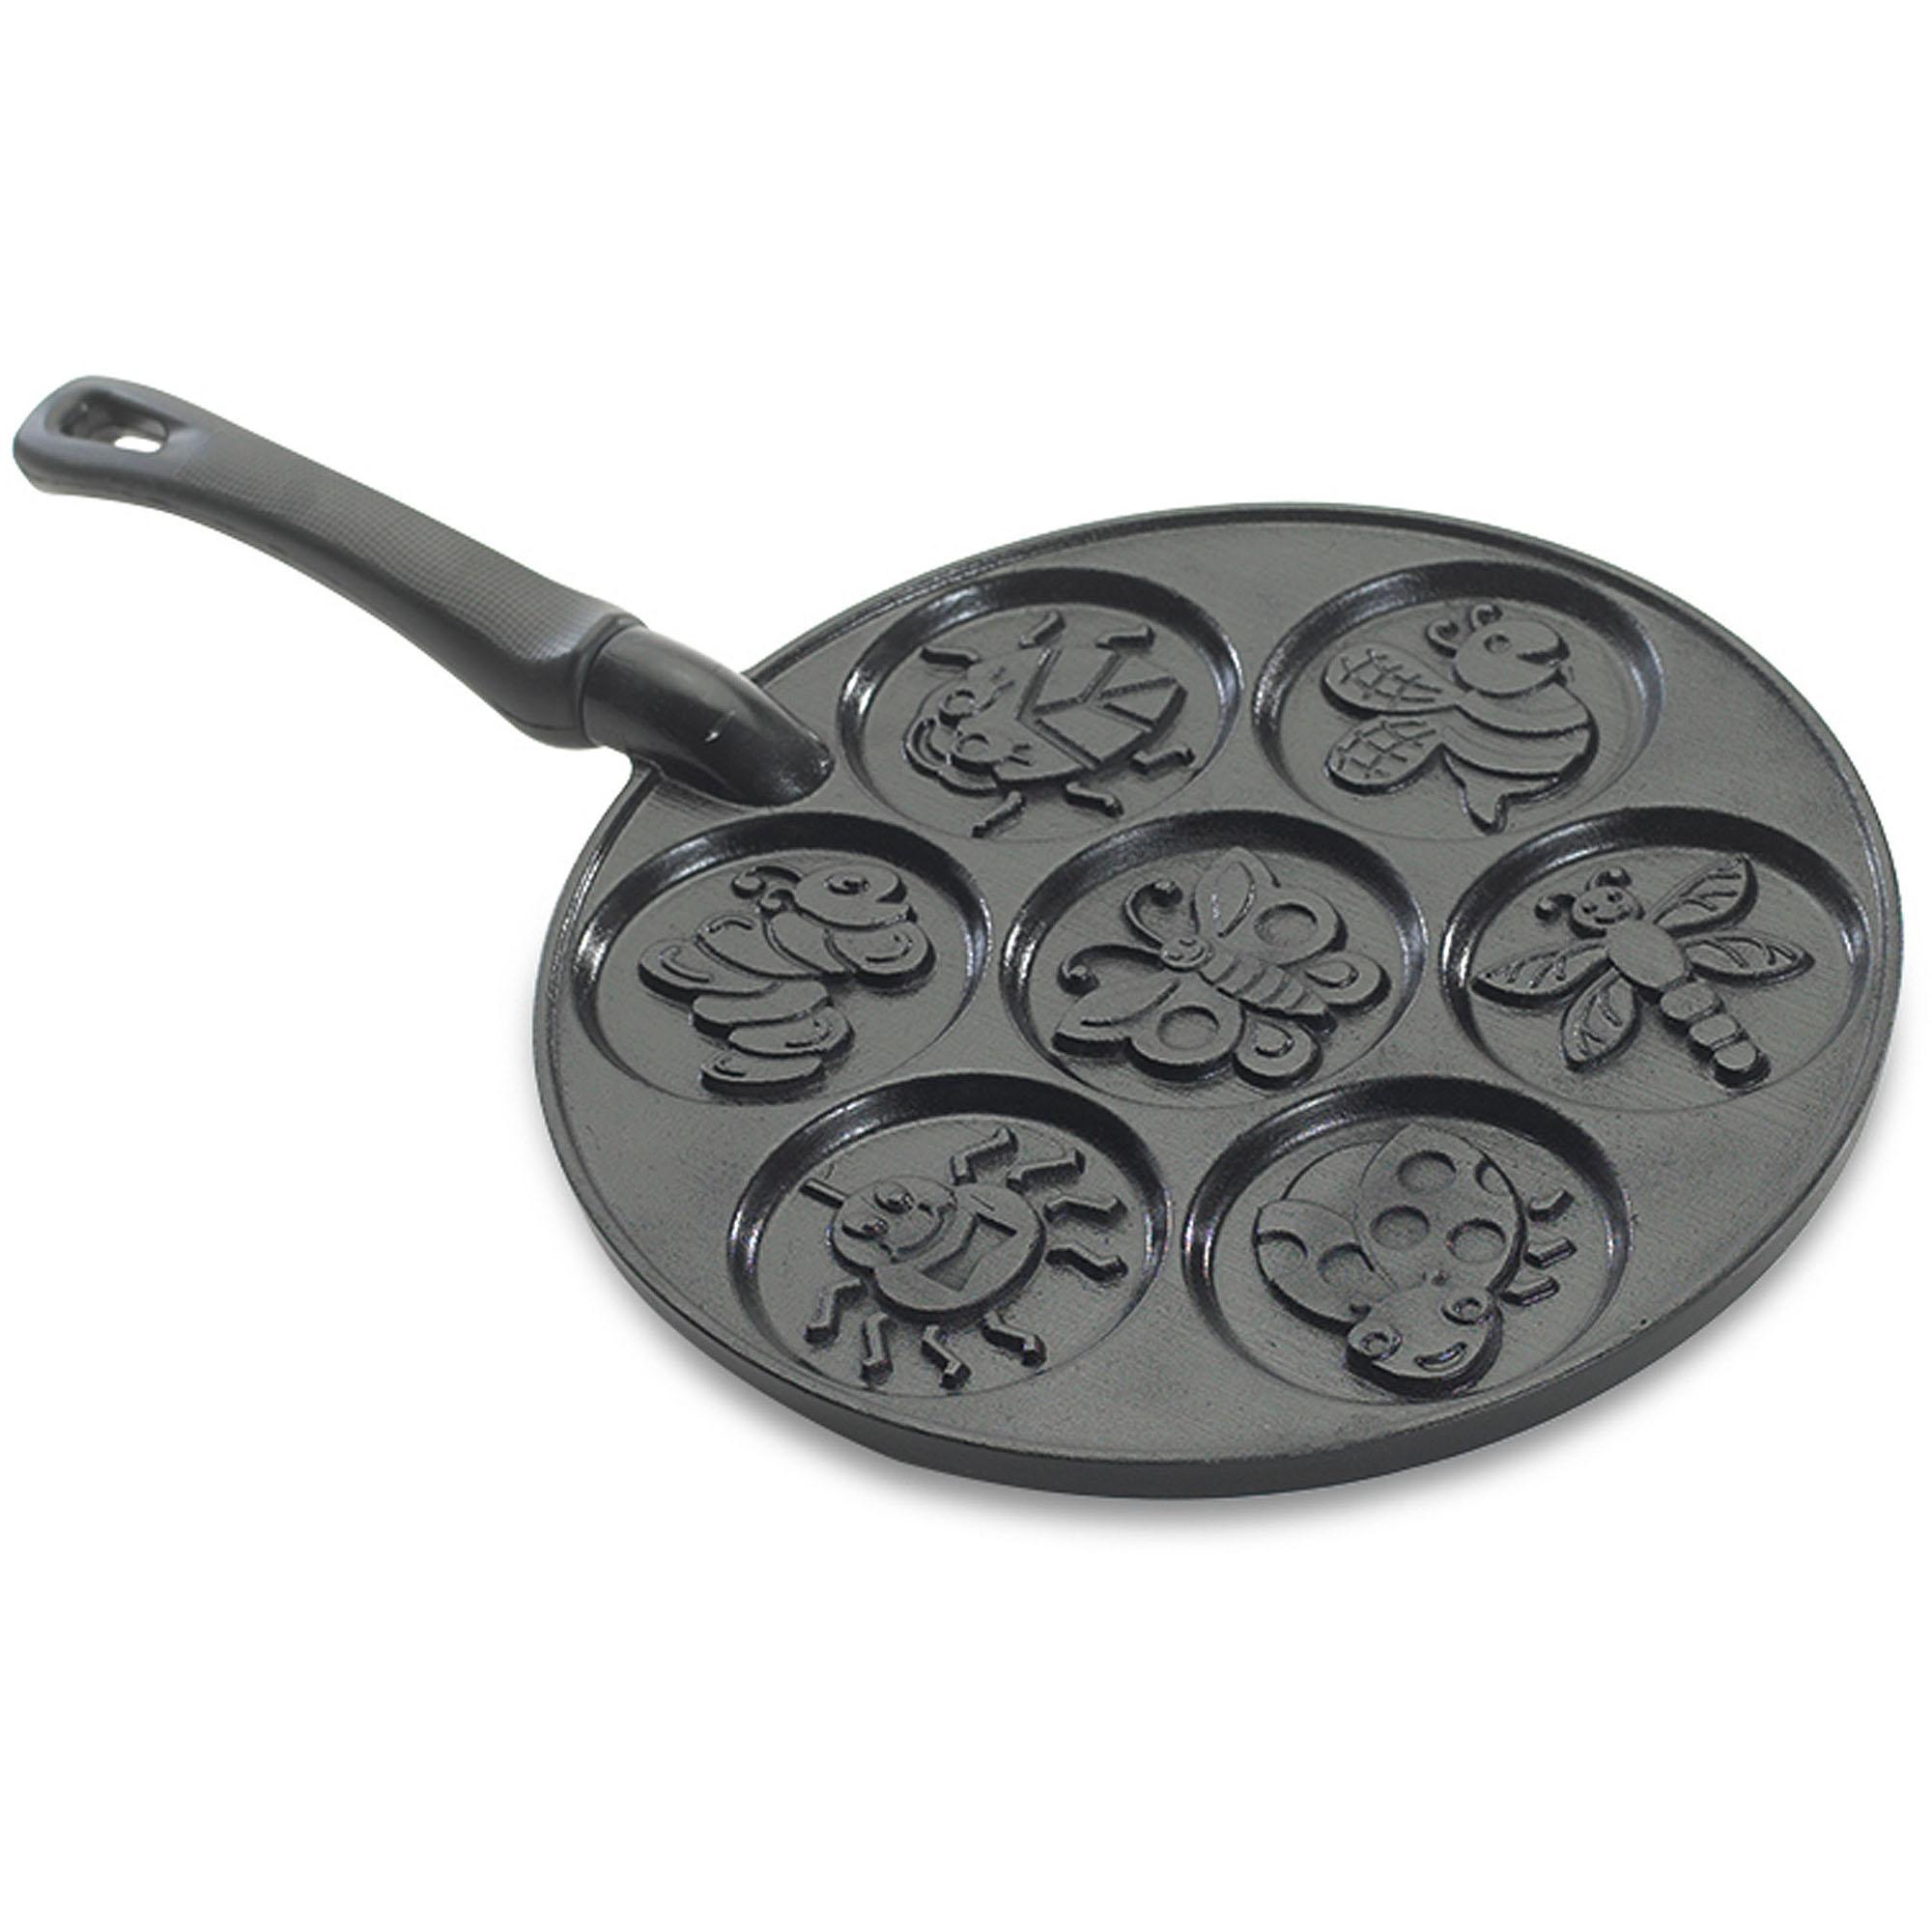 Nordic Ware Bug Pancake Pan, Black